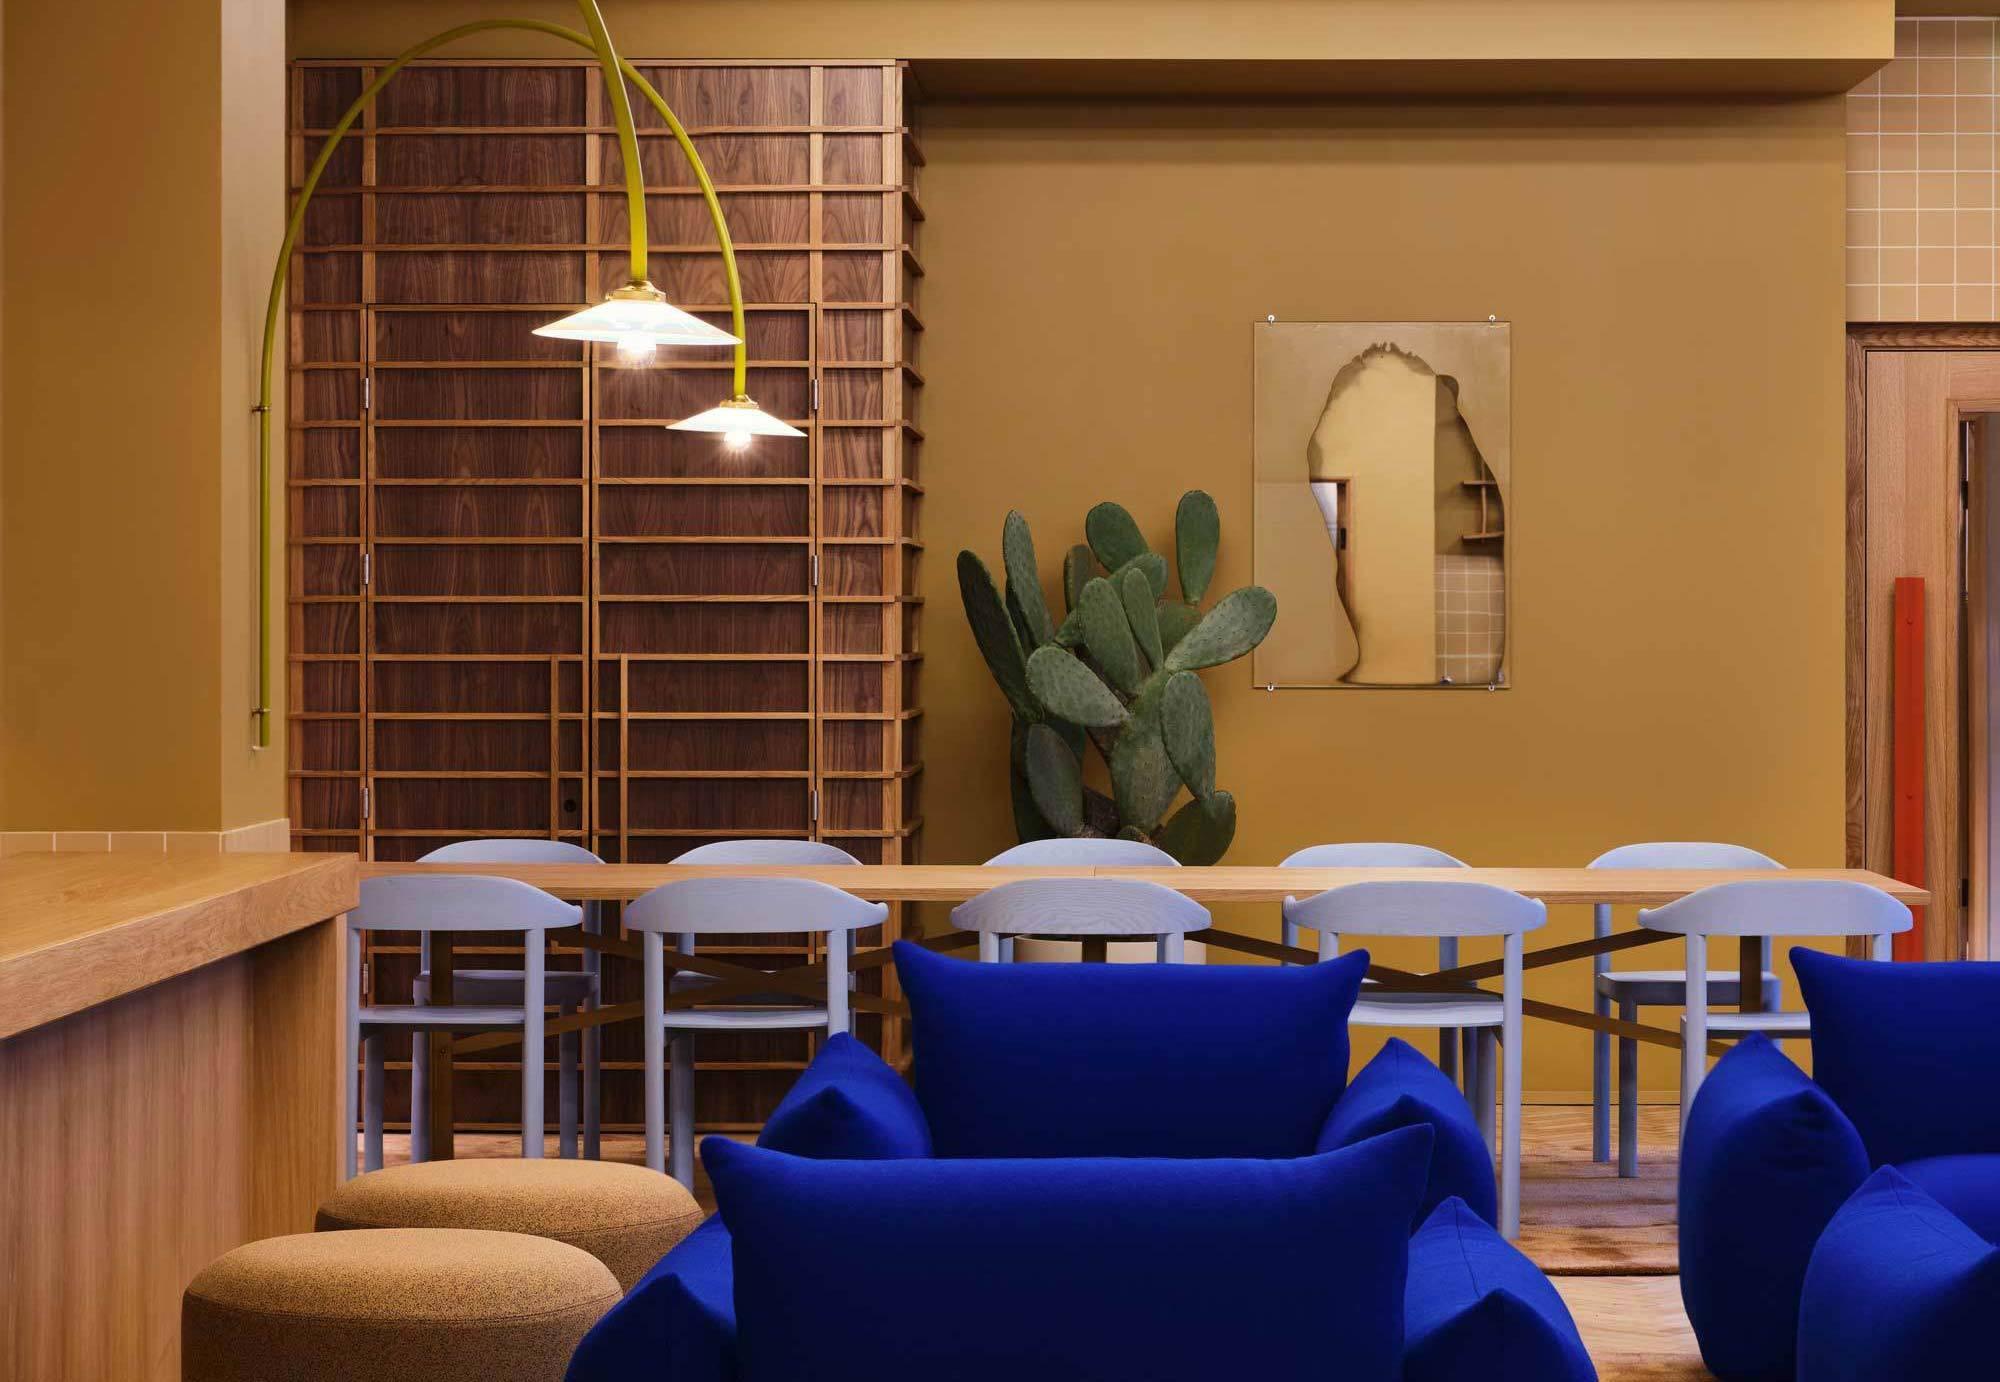 Mit mutigen Materialkombinationen denken Note Design Studio im Londoner Douglas House Bürowelten neu. Kobaltblaue Sessel bilden einen farbigen Kontrast zu den Naturtönen der Räume.